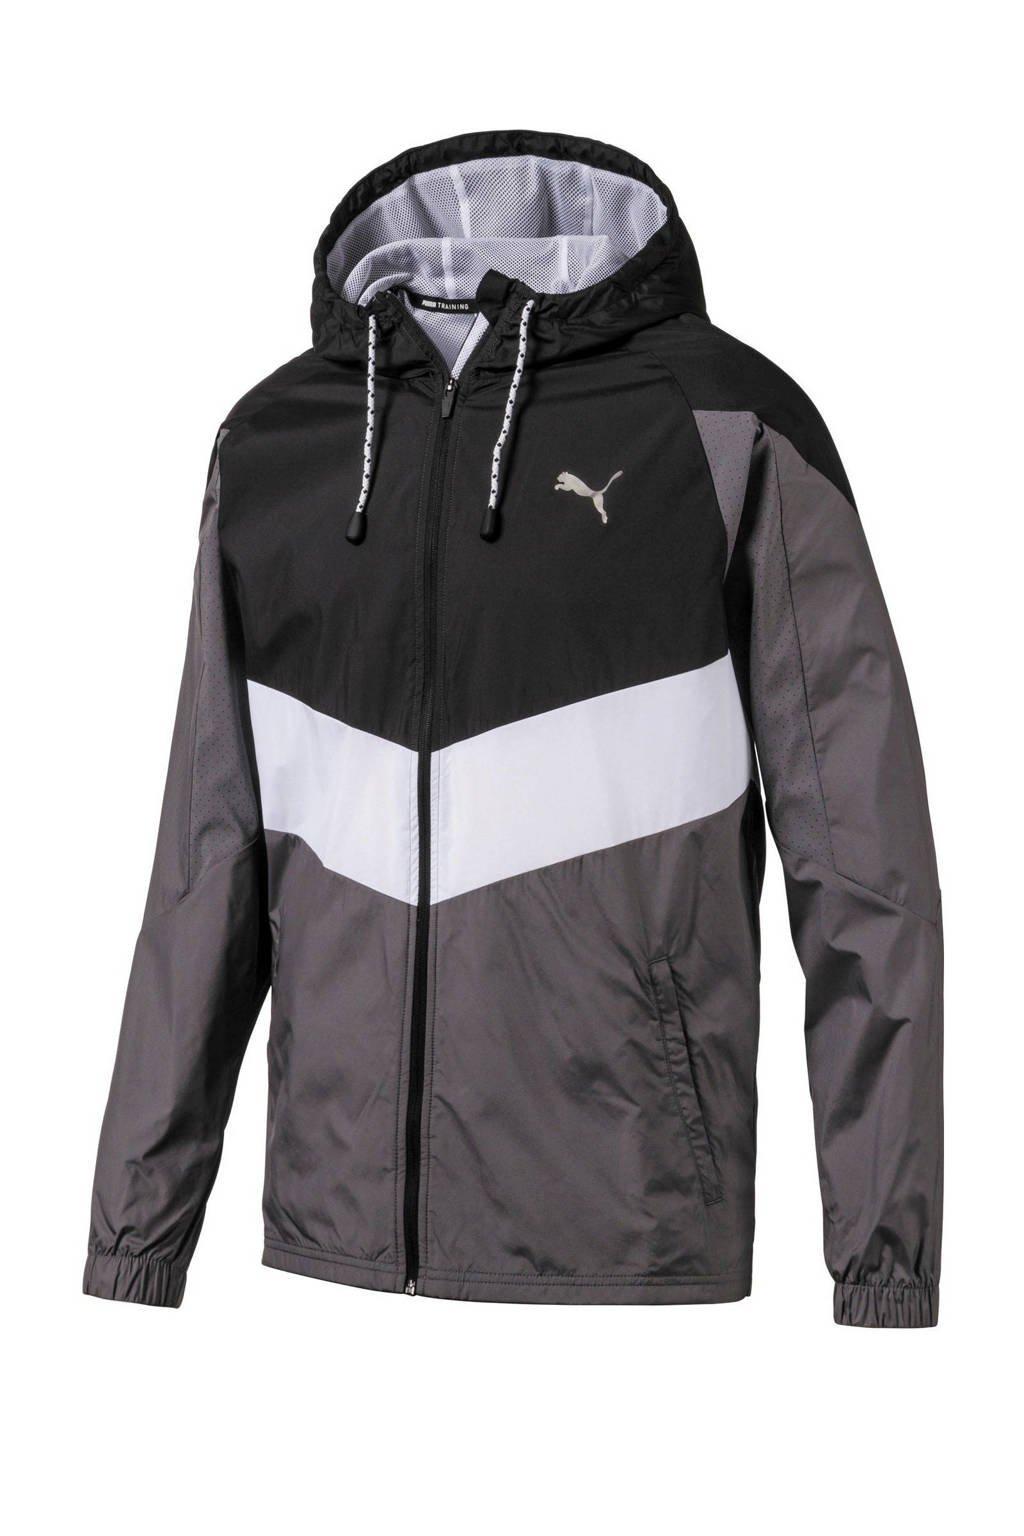 Puma   hardloopjack zwart/wit/grijs, Zwart/wit/grijs